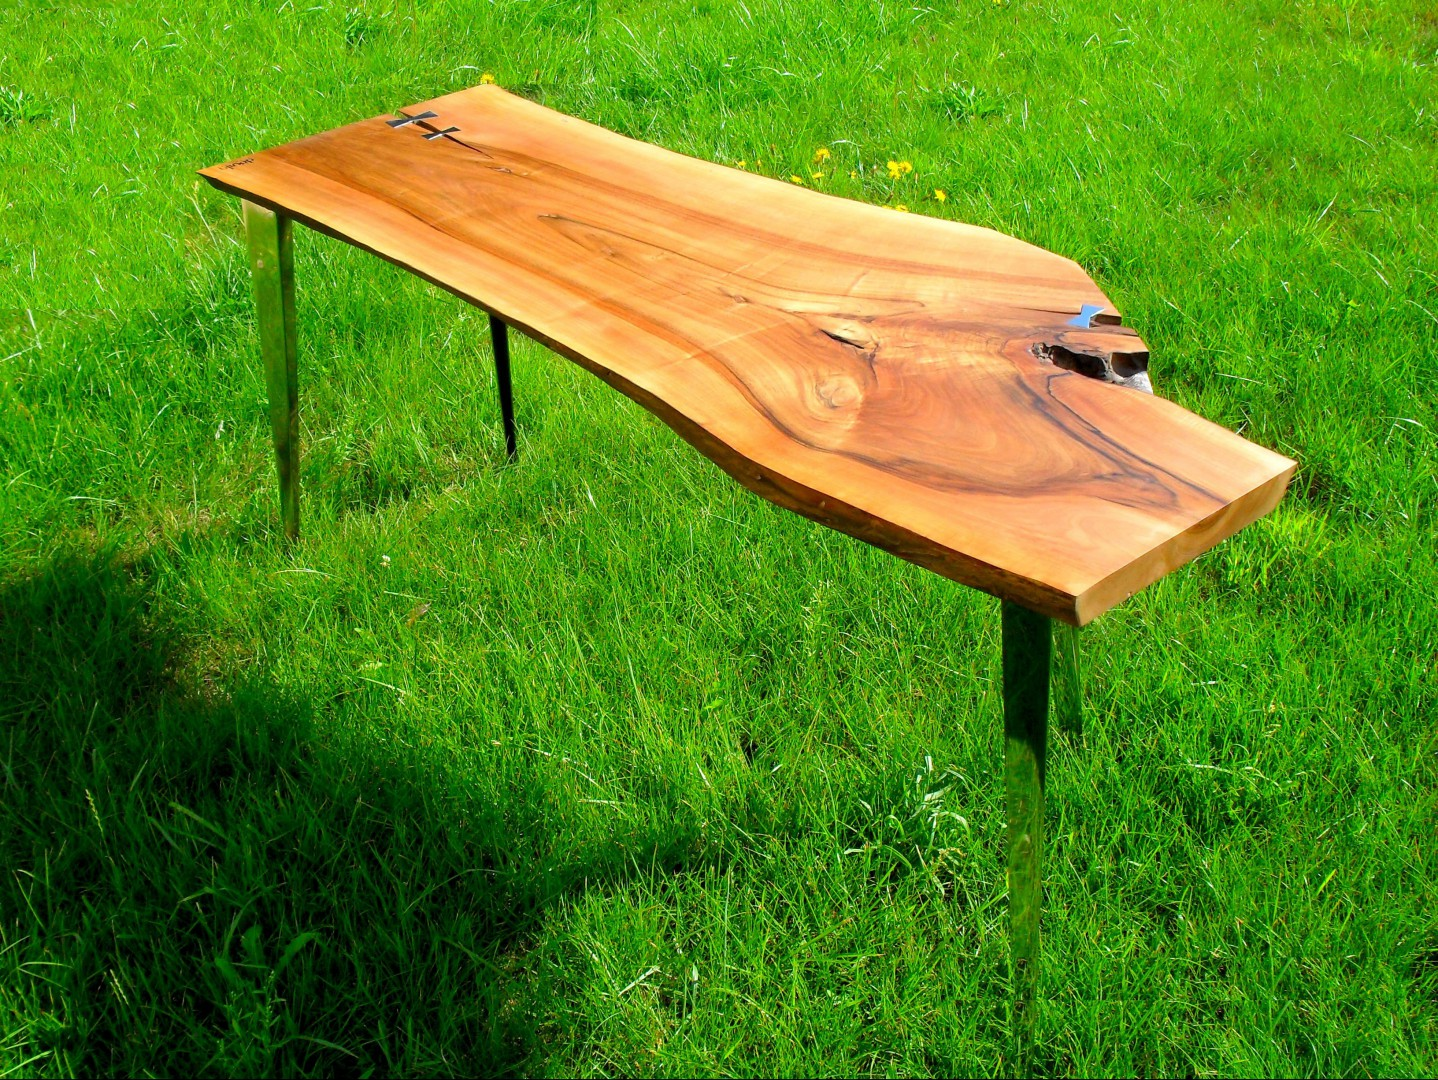 Stół Devills Furniture, wykonany z zachowanej, szerokiej drewnianej deski z pęknięciami. Widoczne piękne słoje nawiązują do natury. Fot. archiwum projektanta